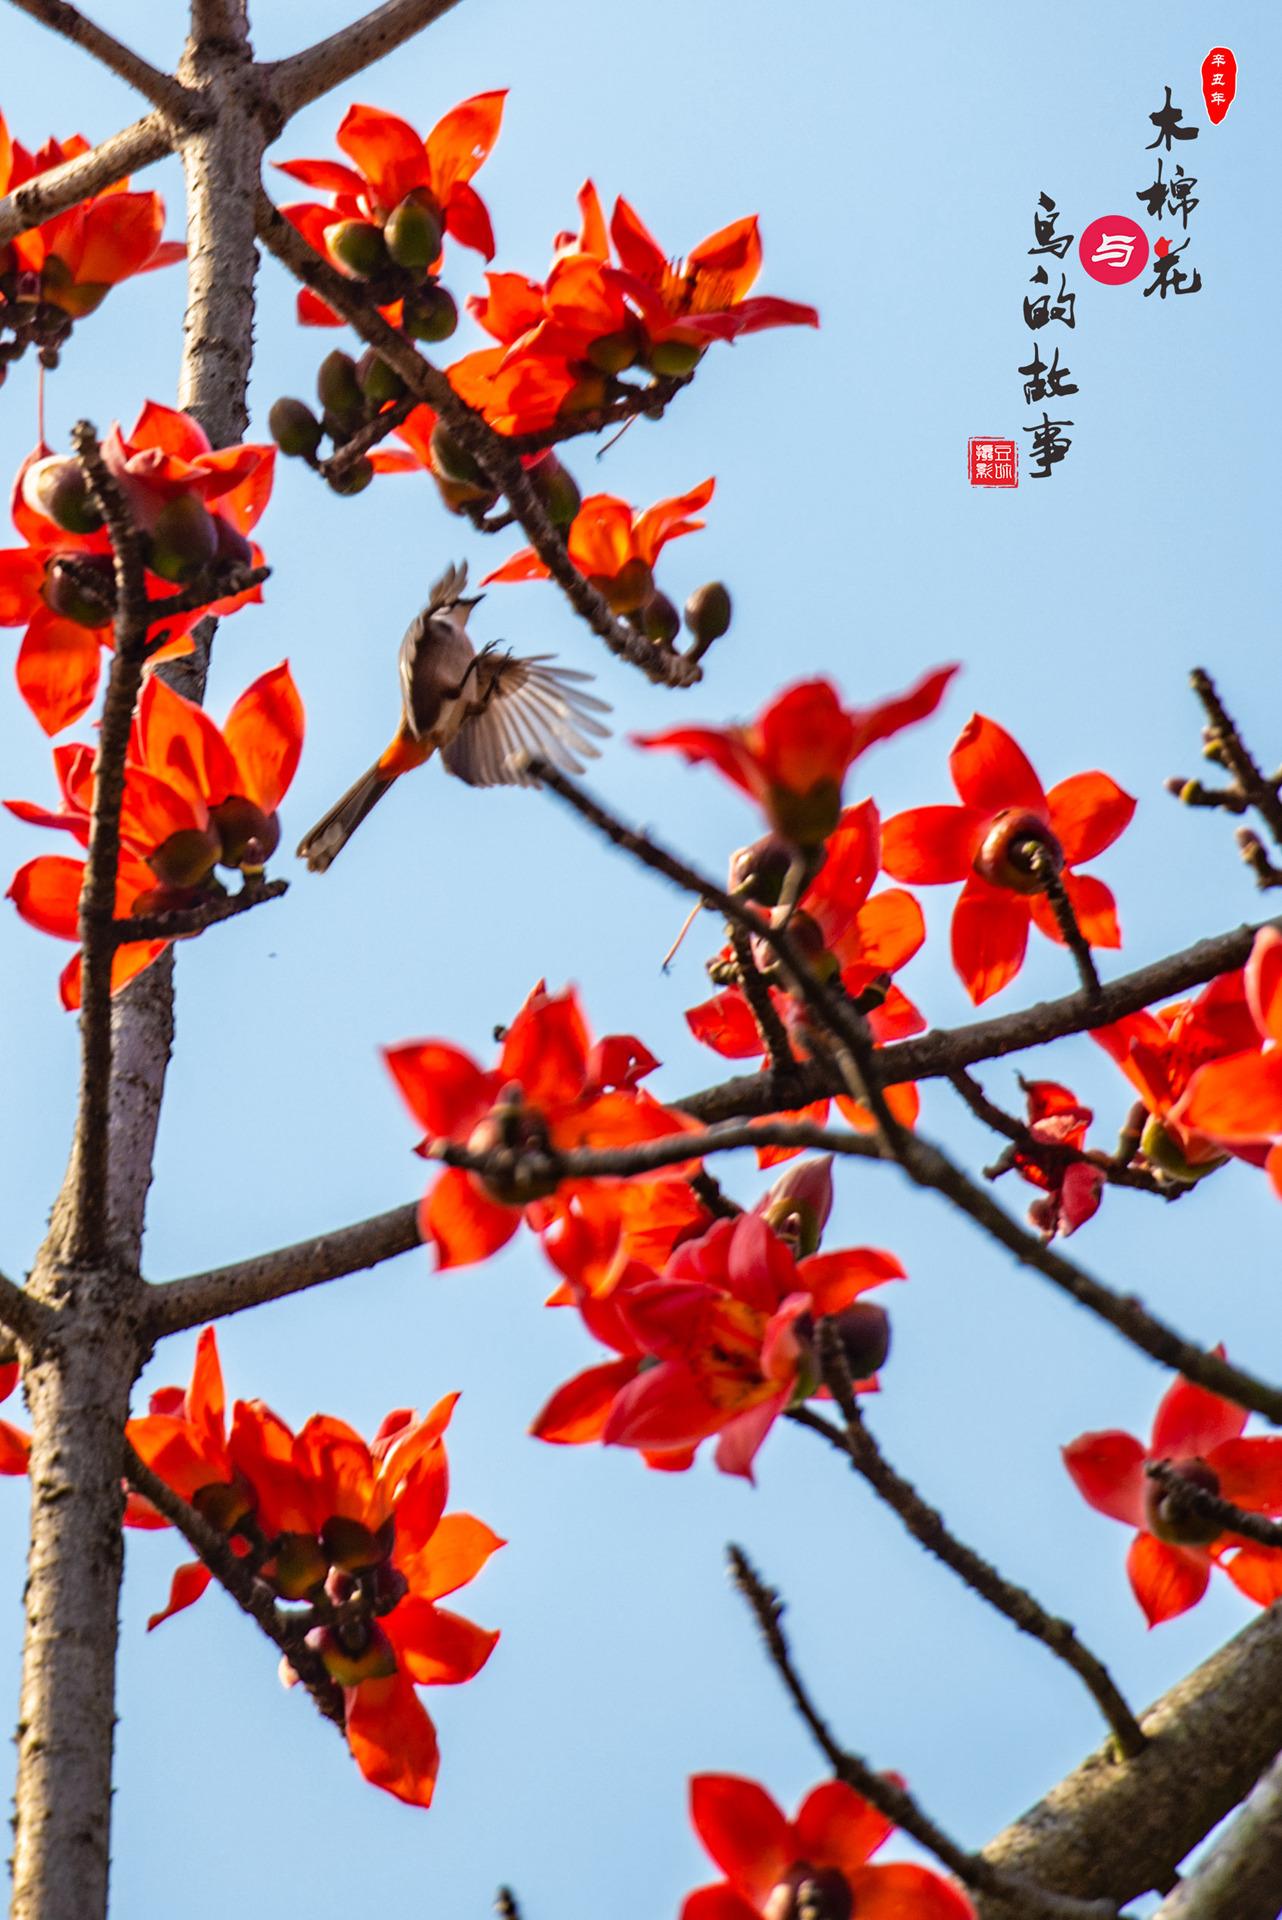 木棉花与鸟的故事20.jpg